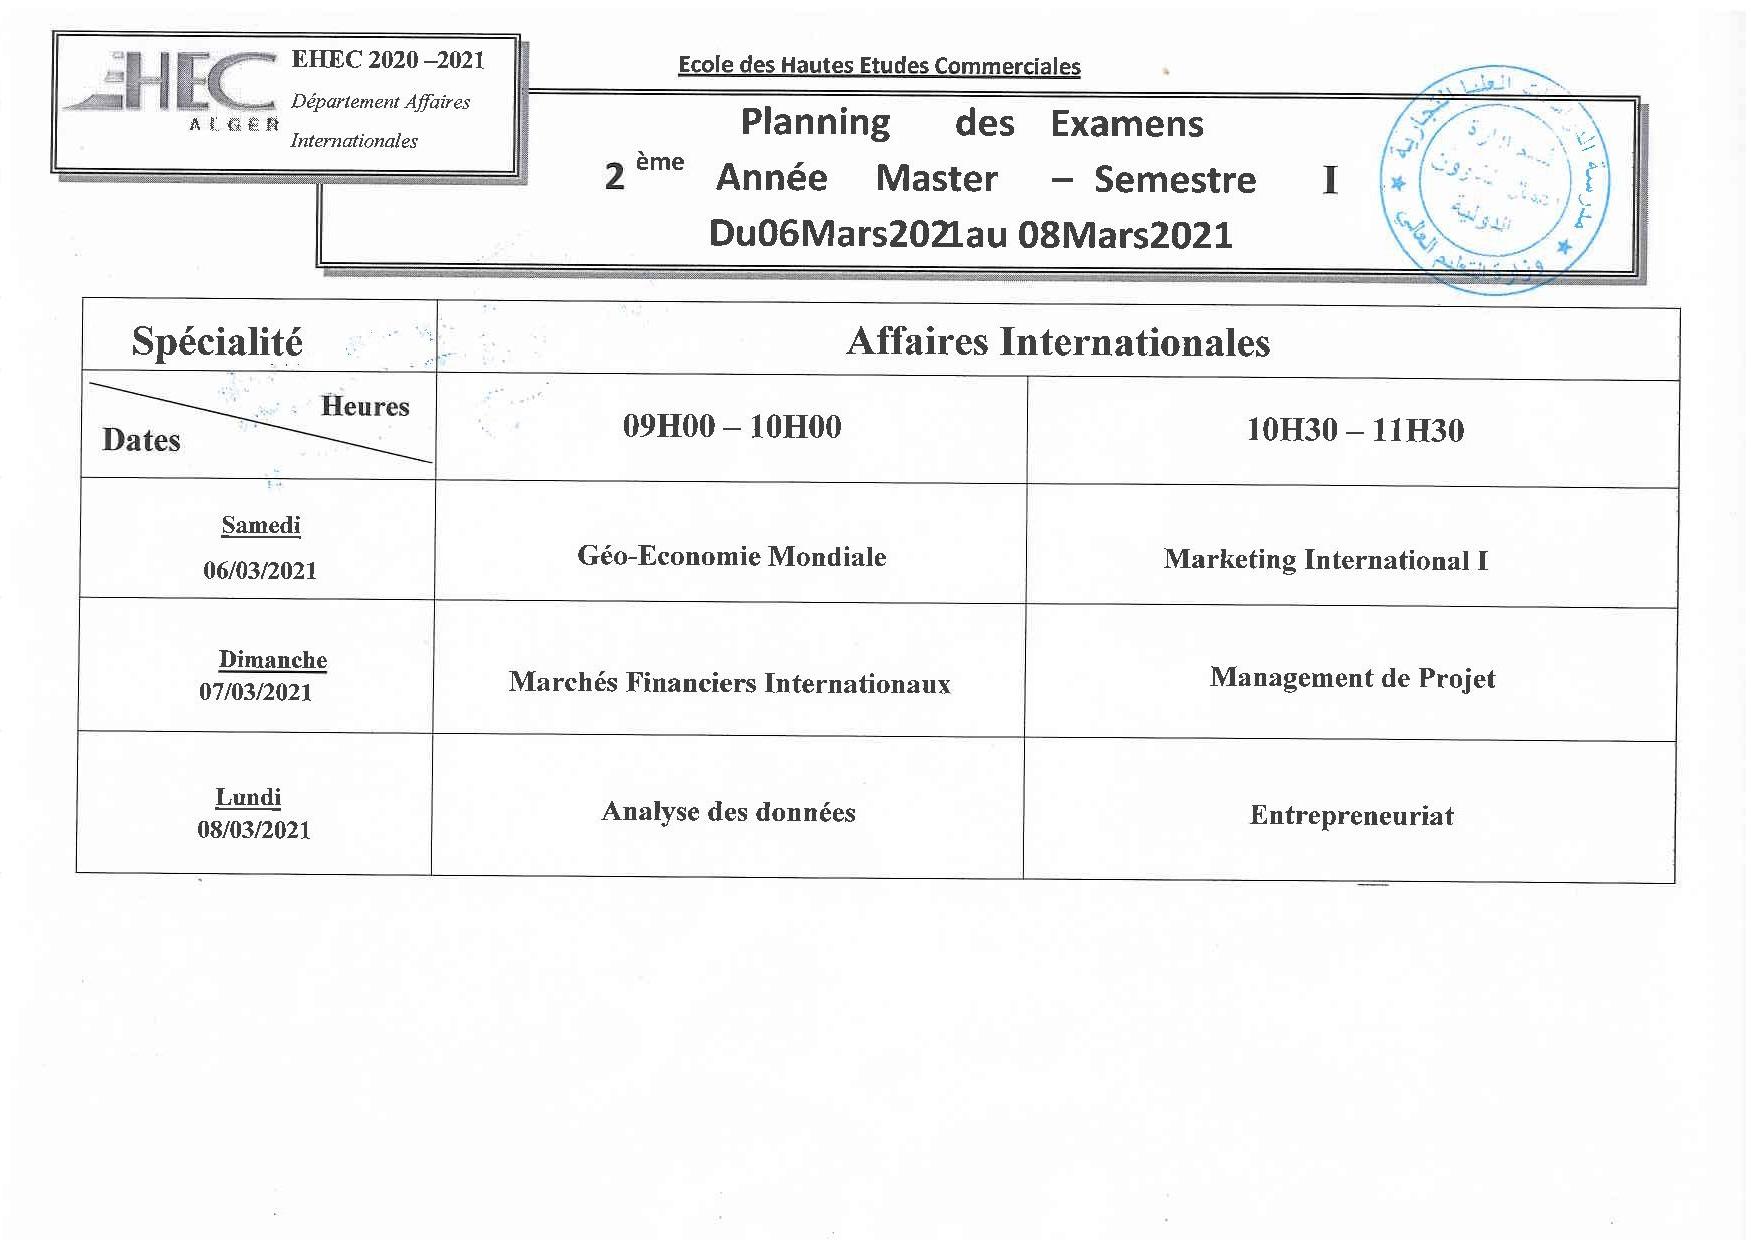 Planning des examens du premier semestre pour les étudiants en 2eme année Master affaires internationales